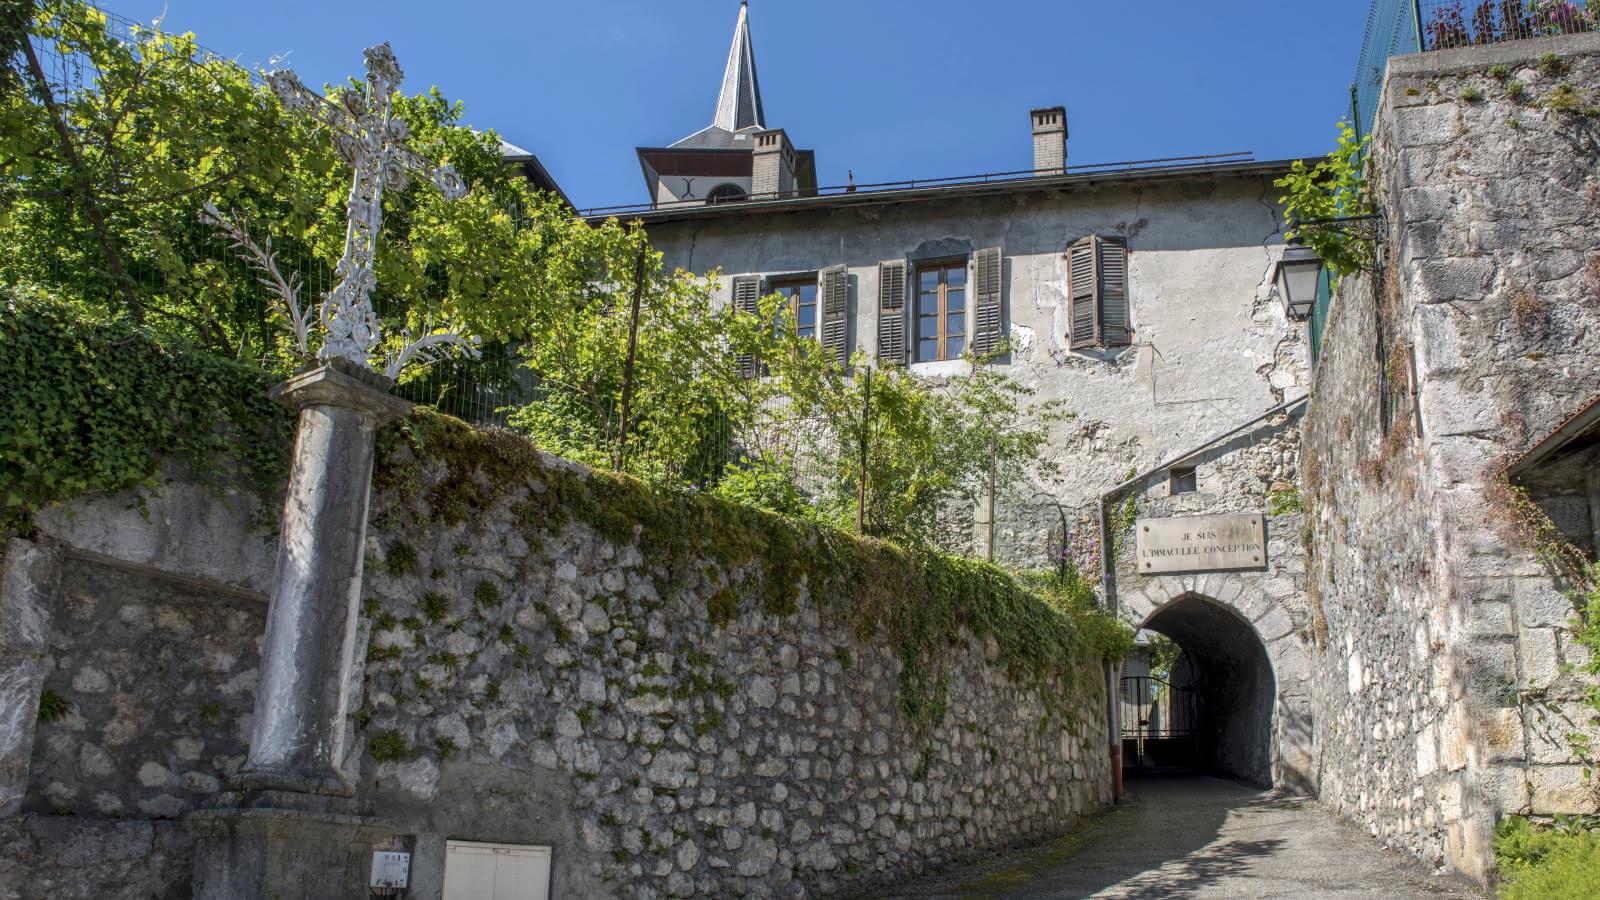 Tourmotte